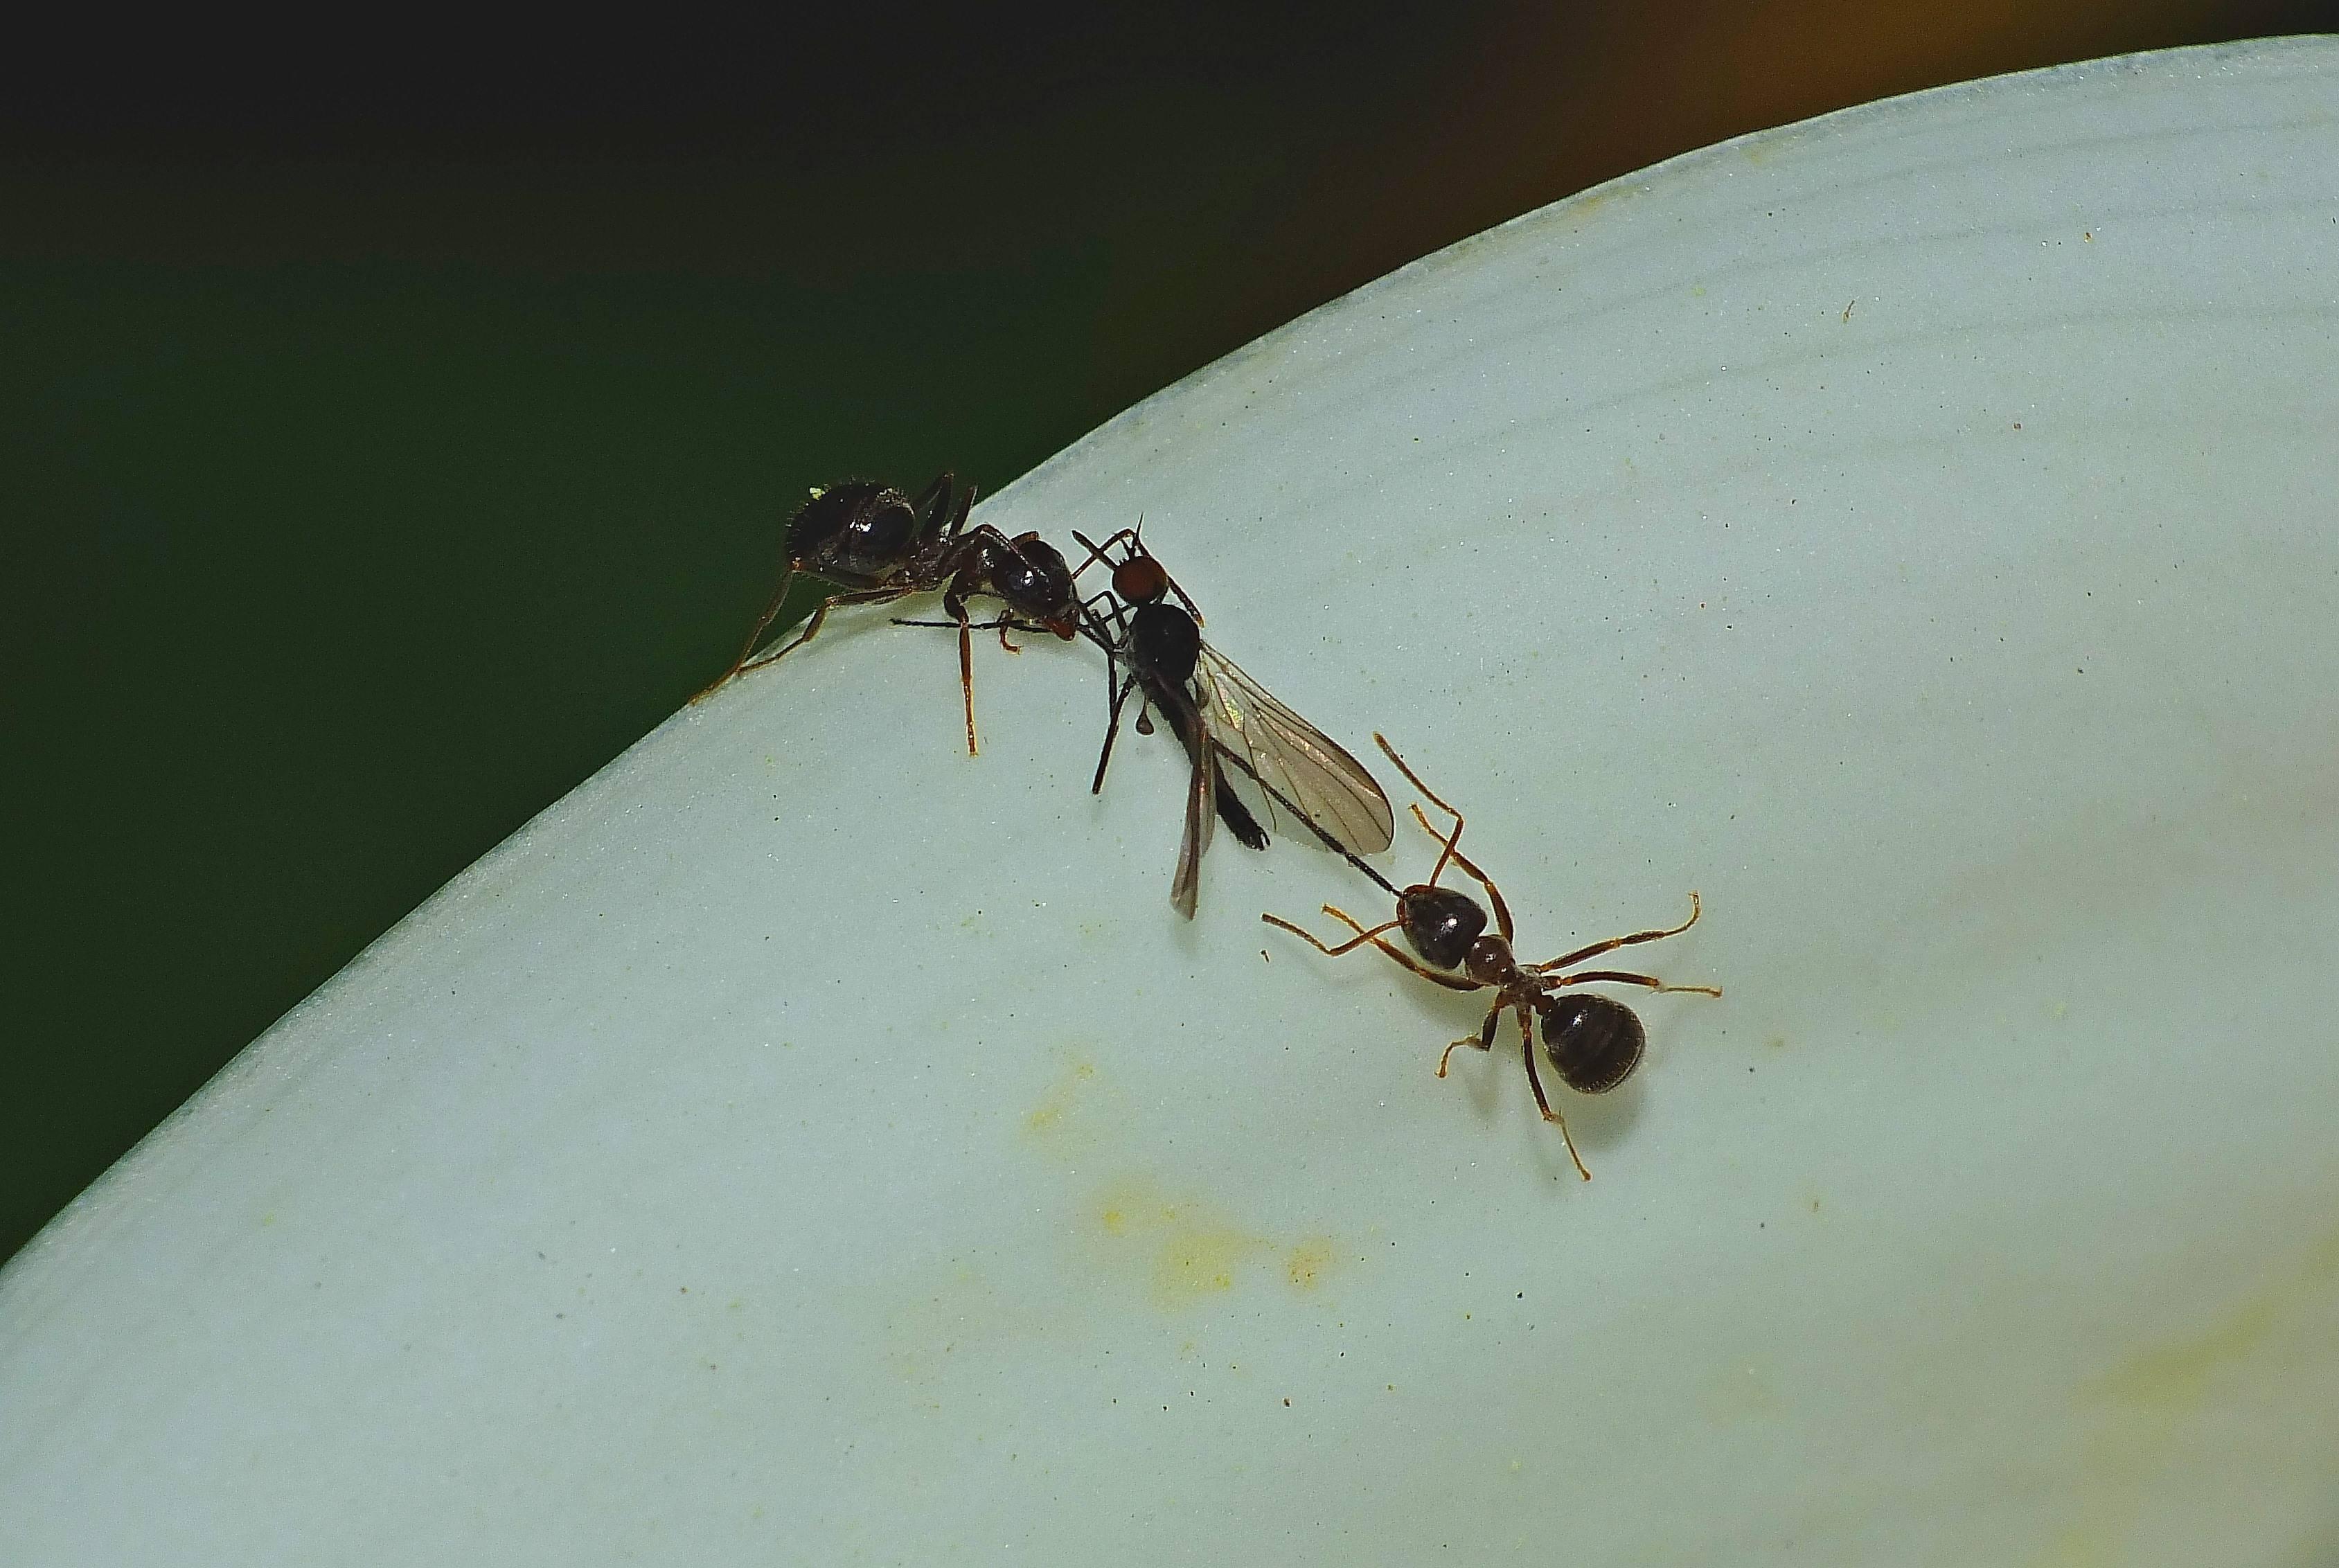 Летающие муравьи - зачем летают и откуда крылья